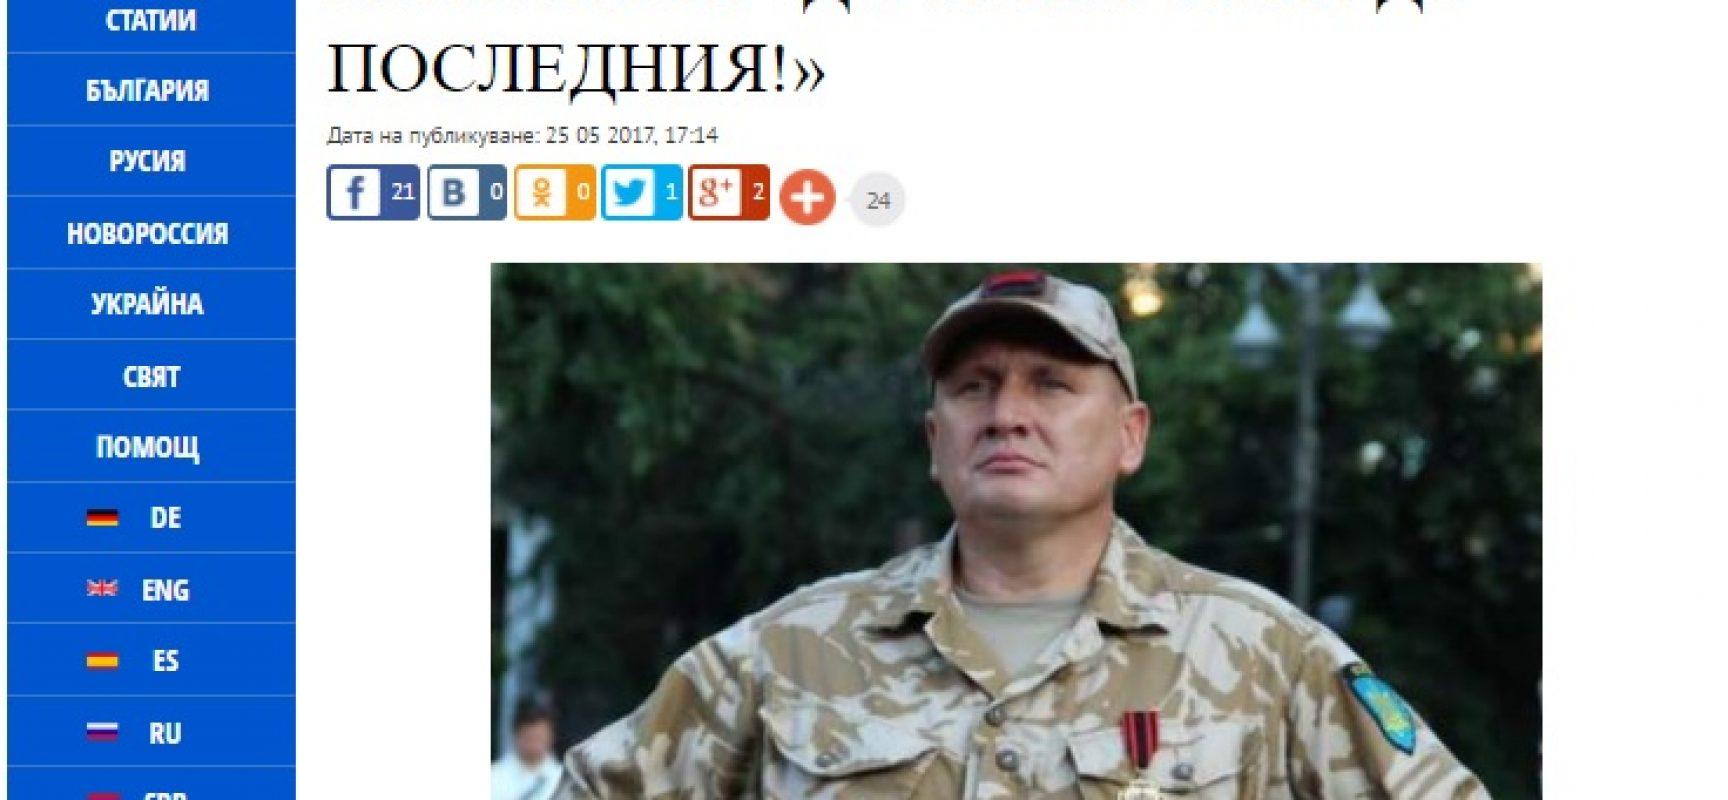 Фейк: Украински националист призовал българите в Бесарабия да бъдат изгорени